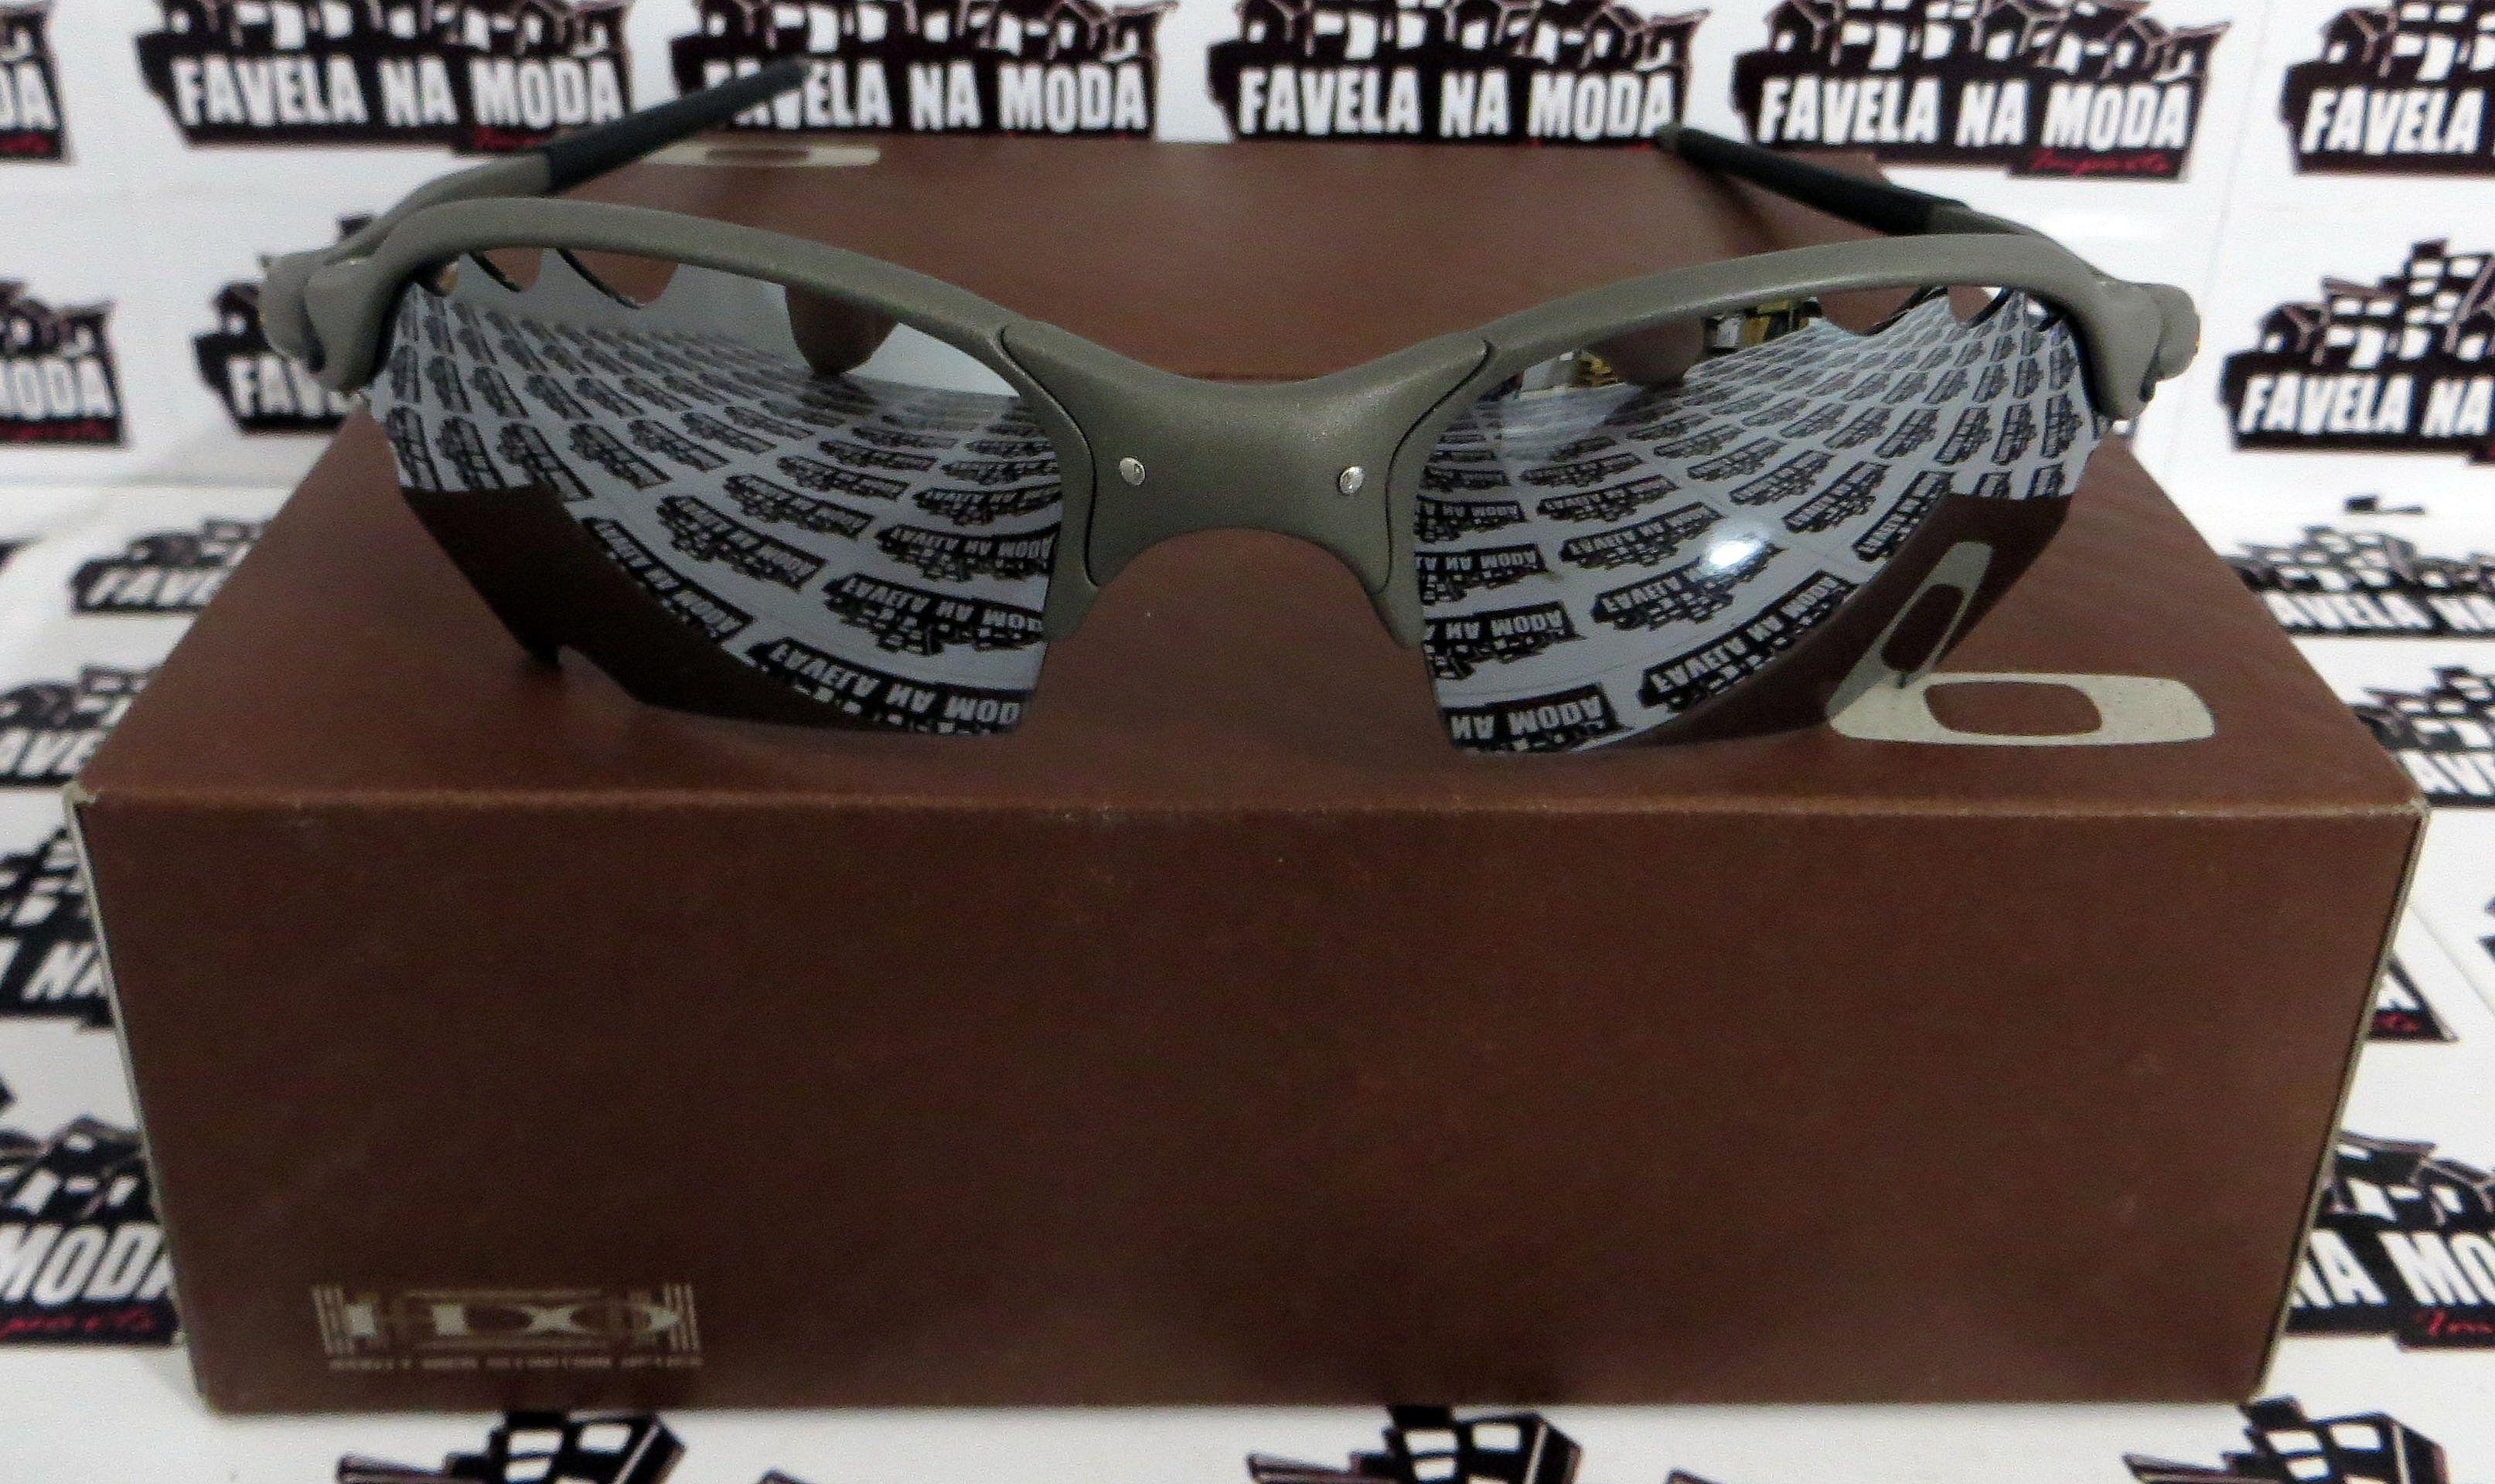 eca0d2fb6 Óculos - Óculos Oakley - Romeo 2 - Favela na Moda Imports